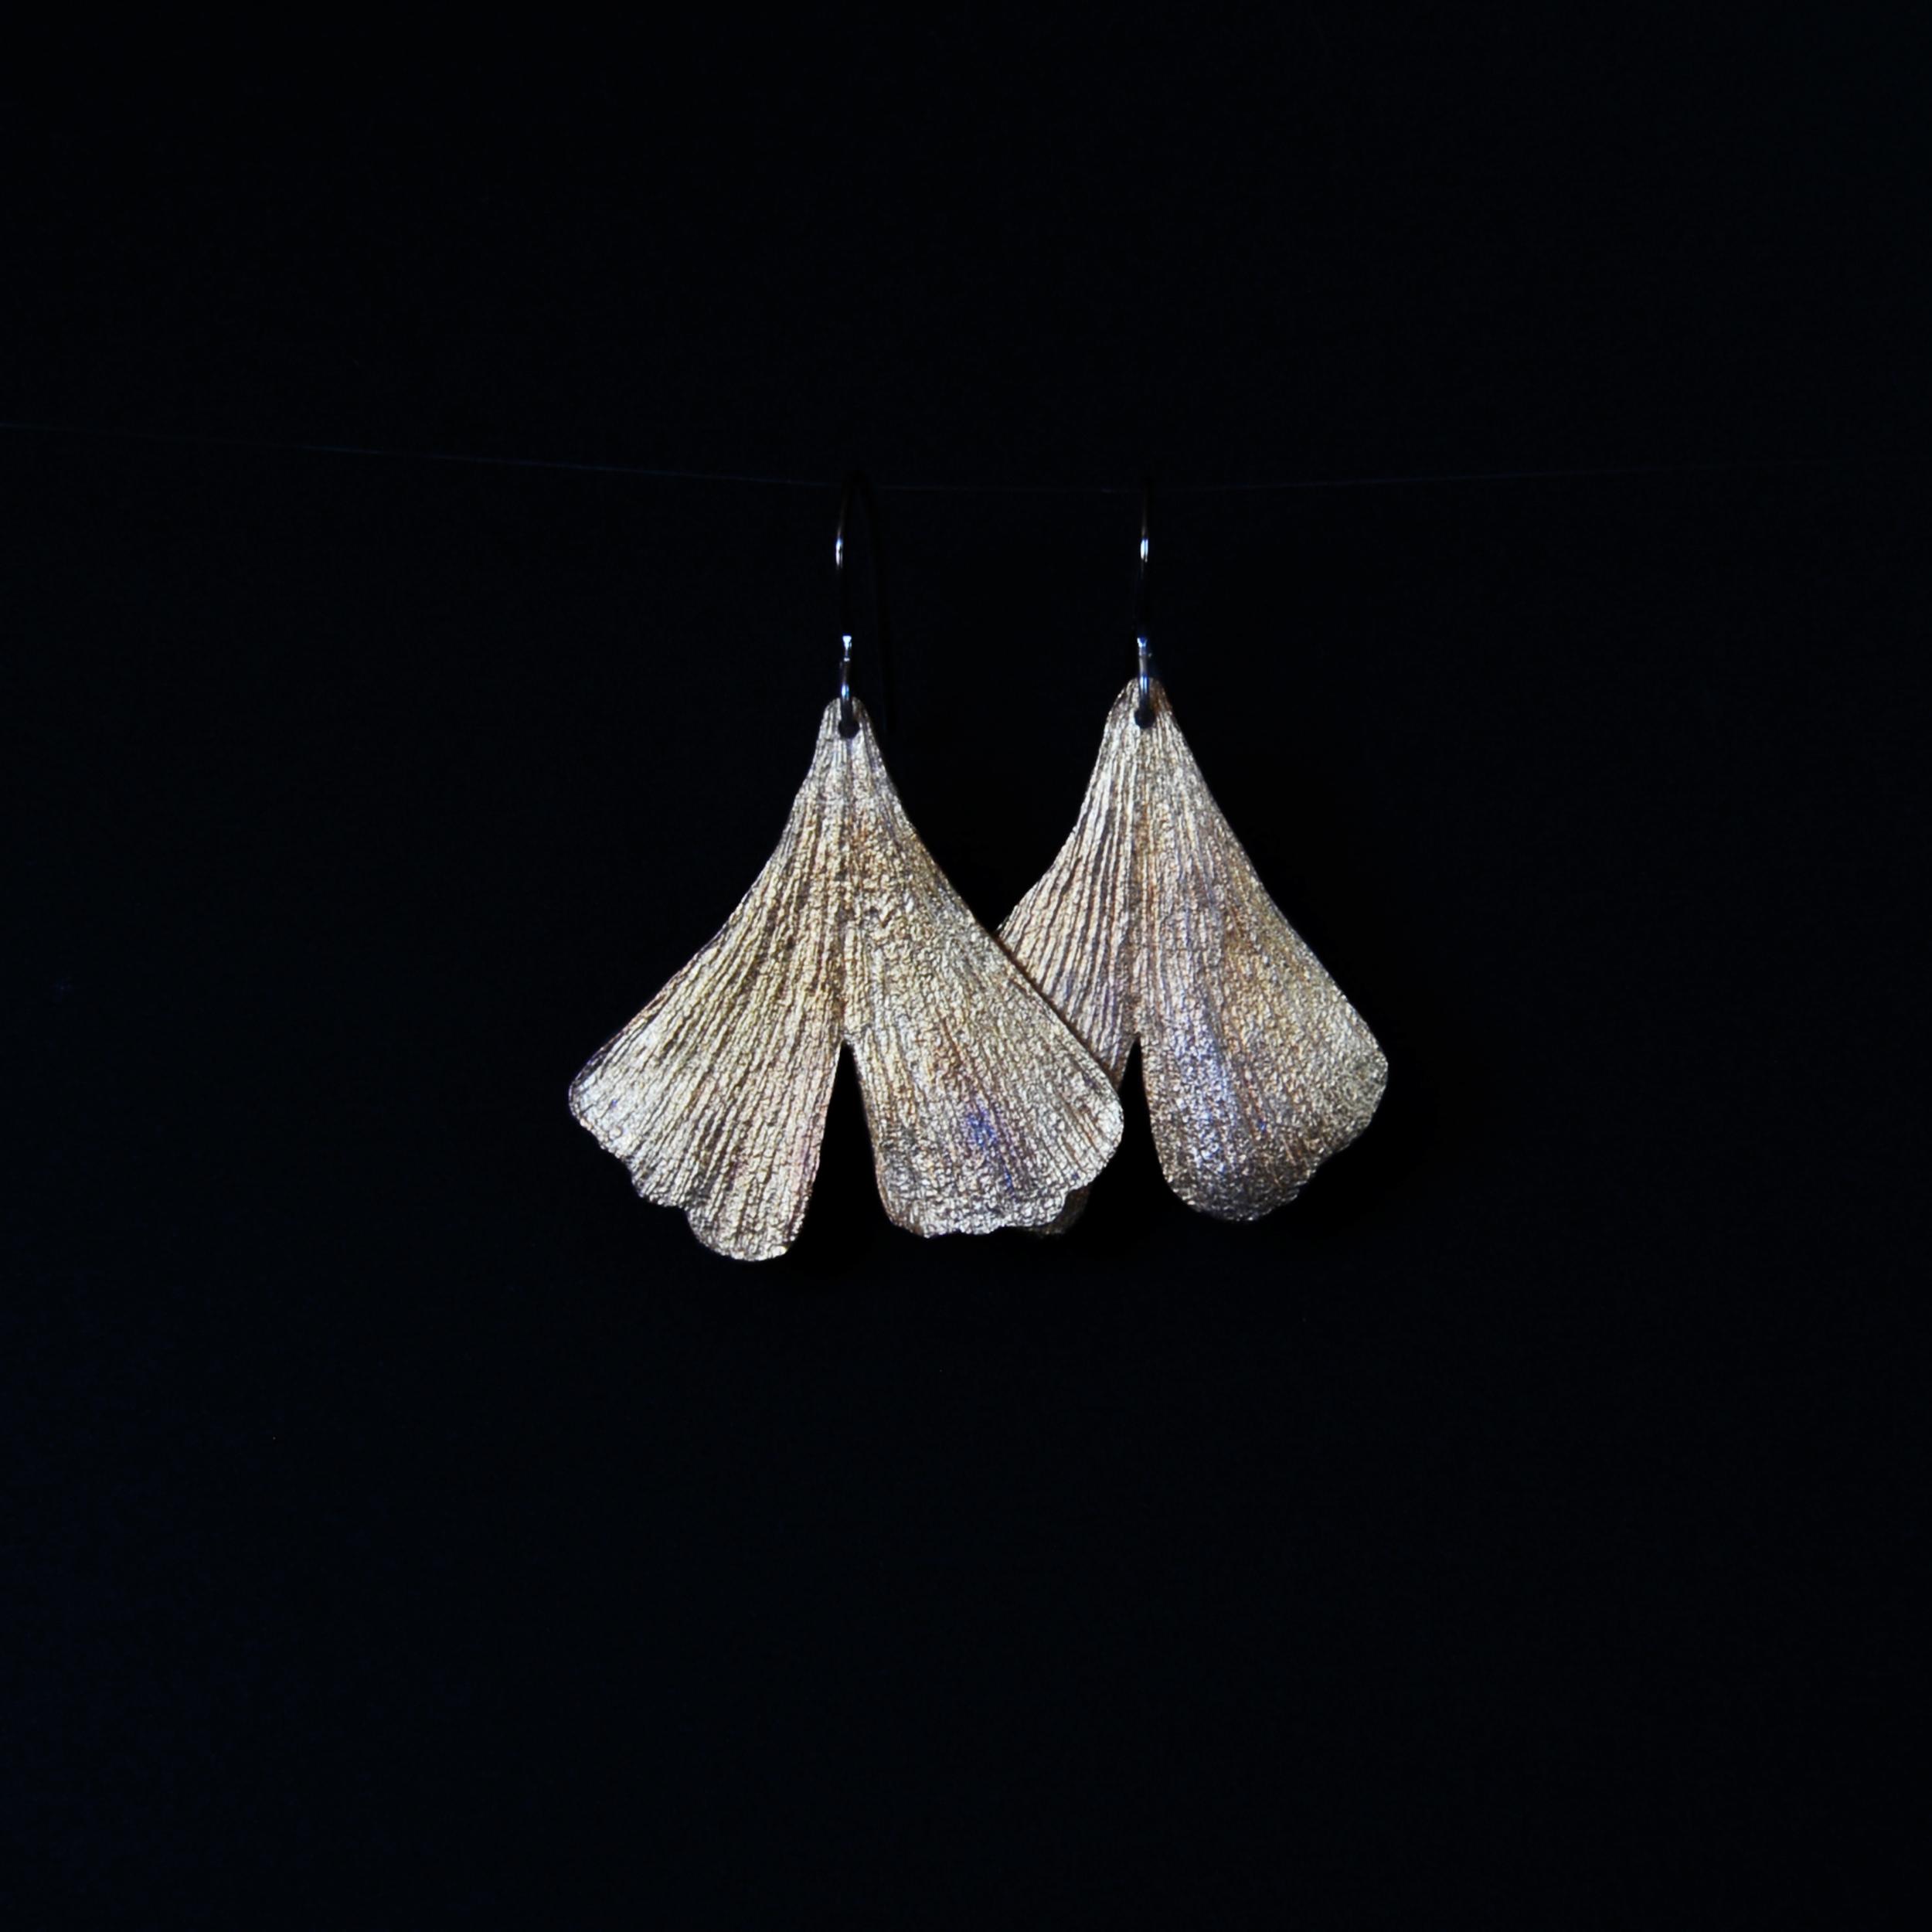 ginkgo-earrings-michelle-hoting-web.jpg